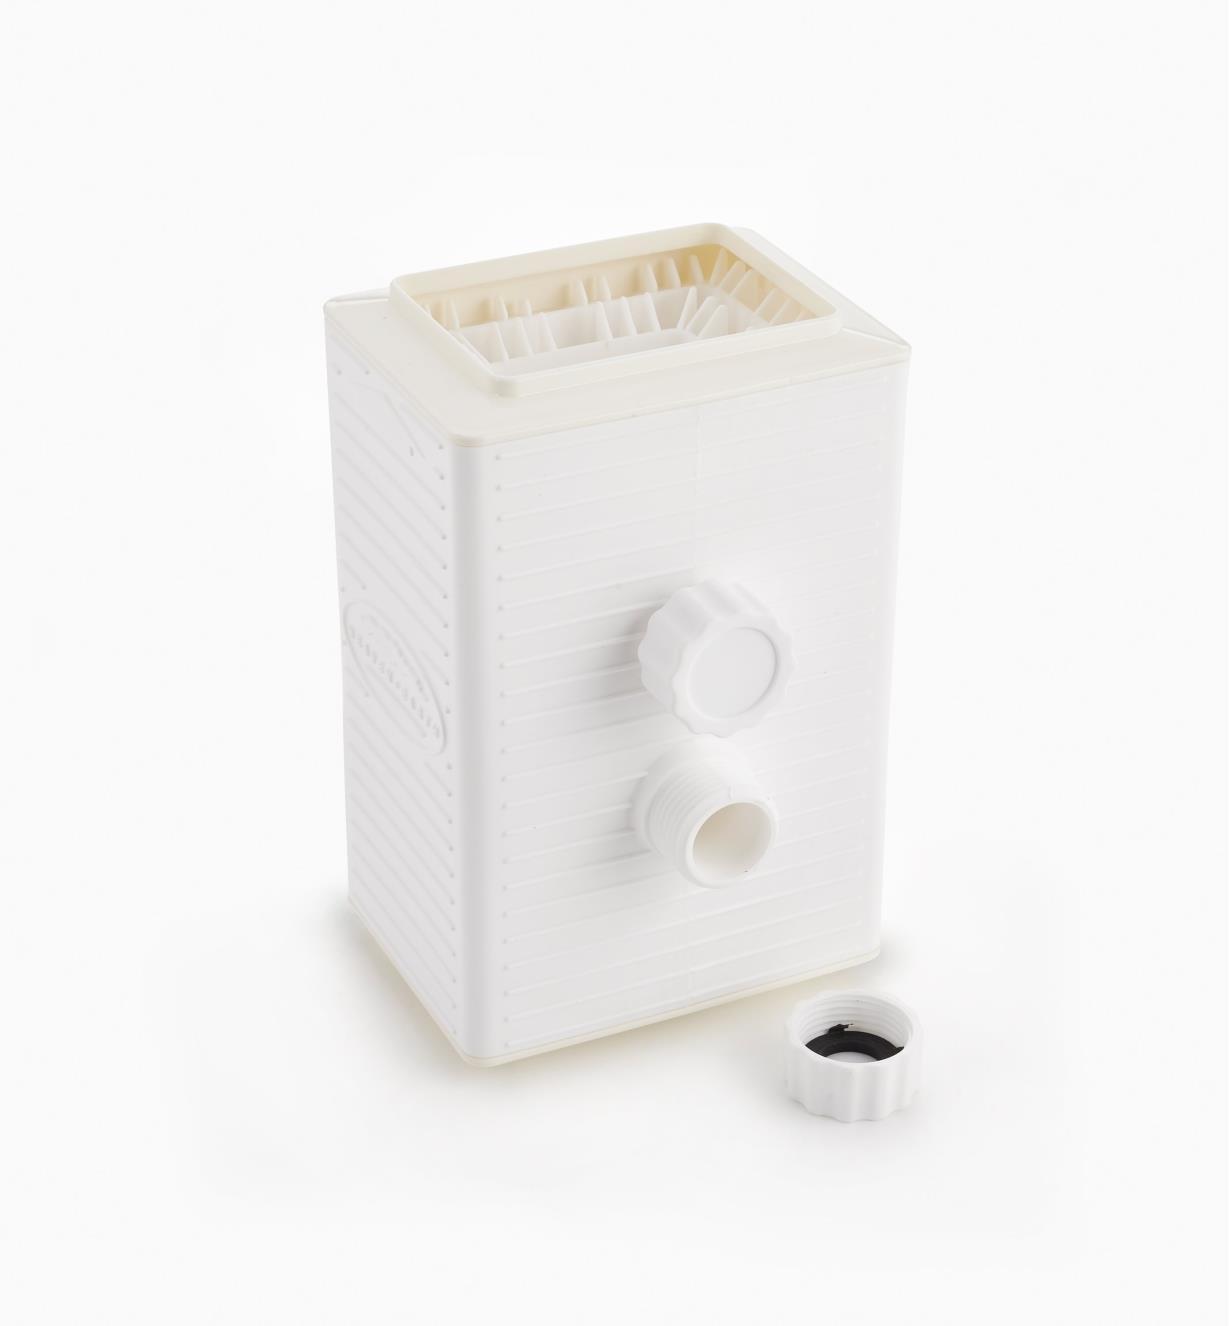 WT326 - Déflecteur universel pour tuyau de descente